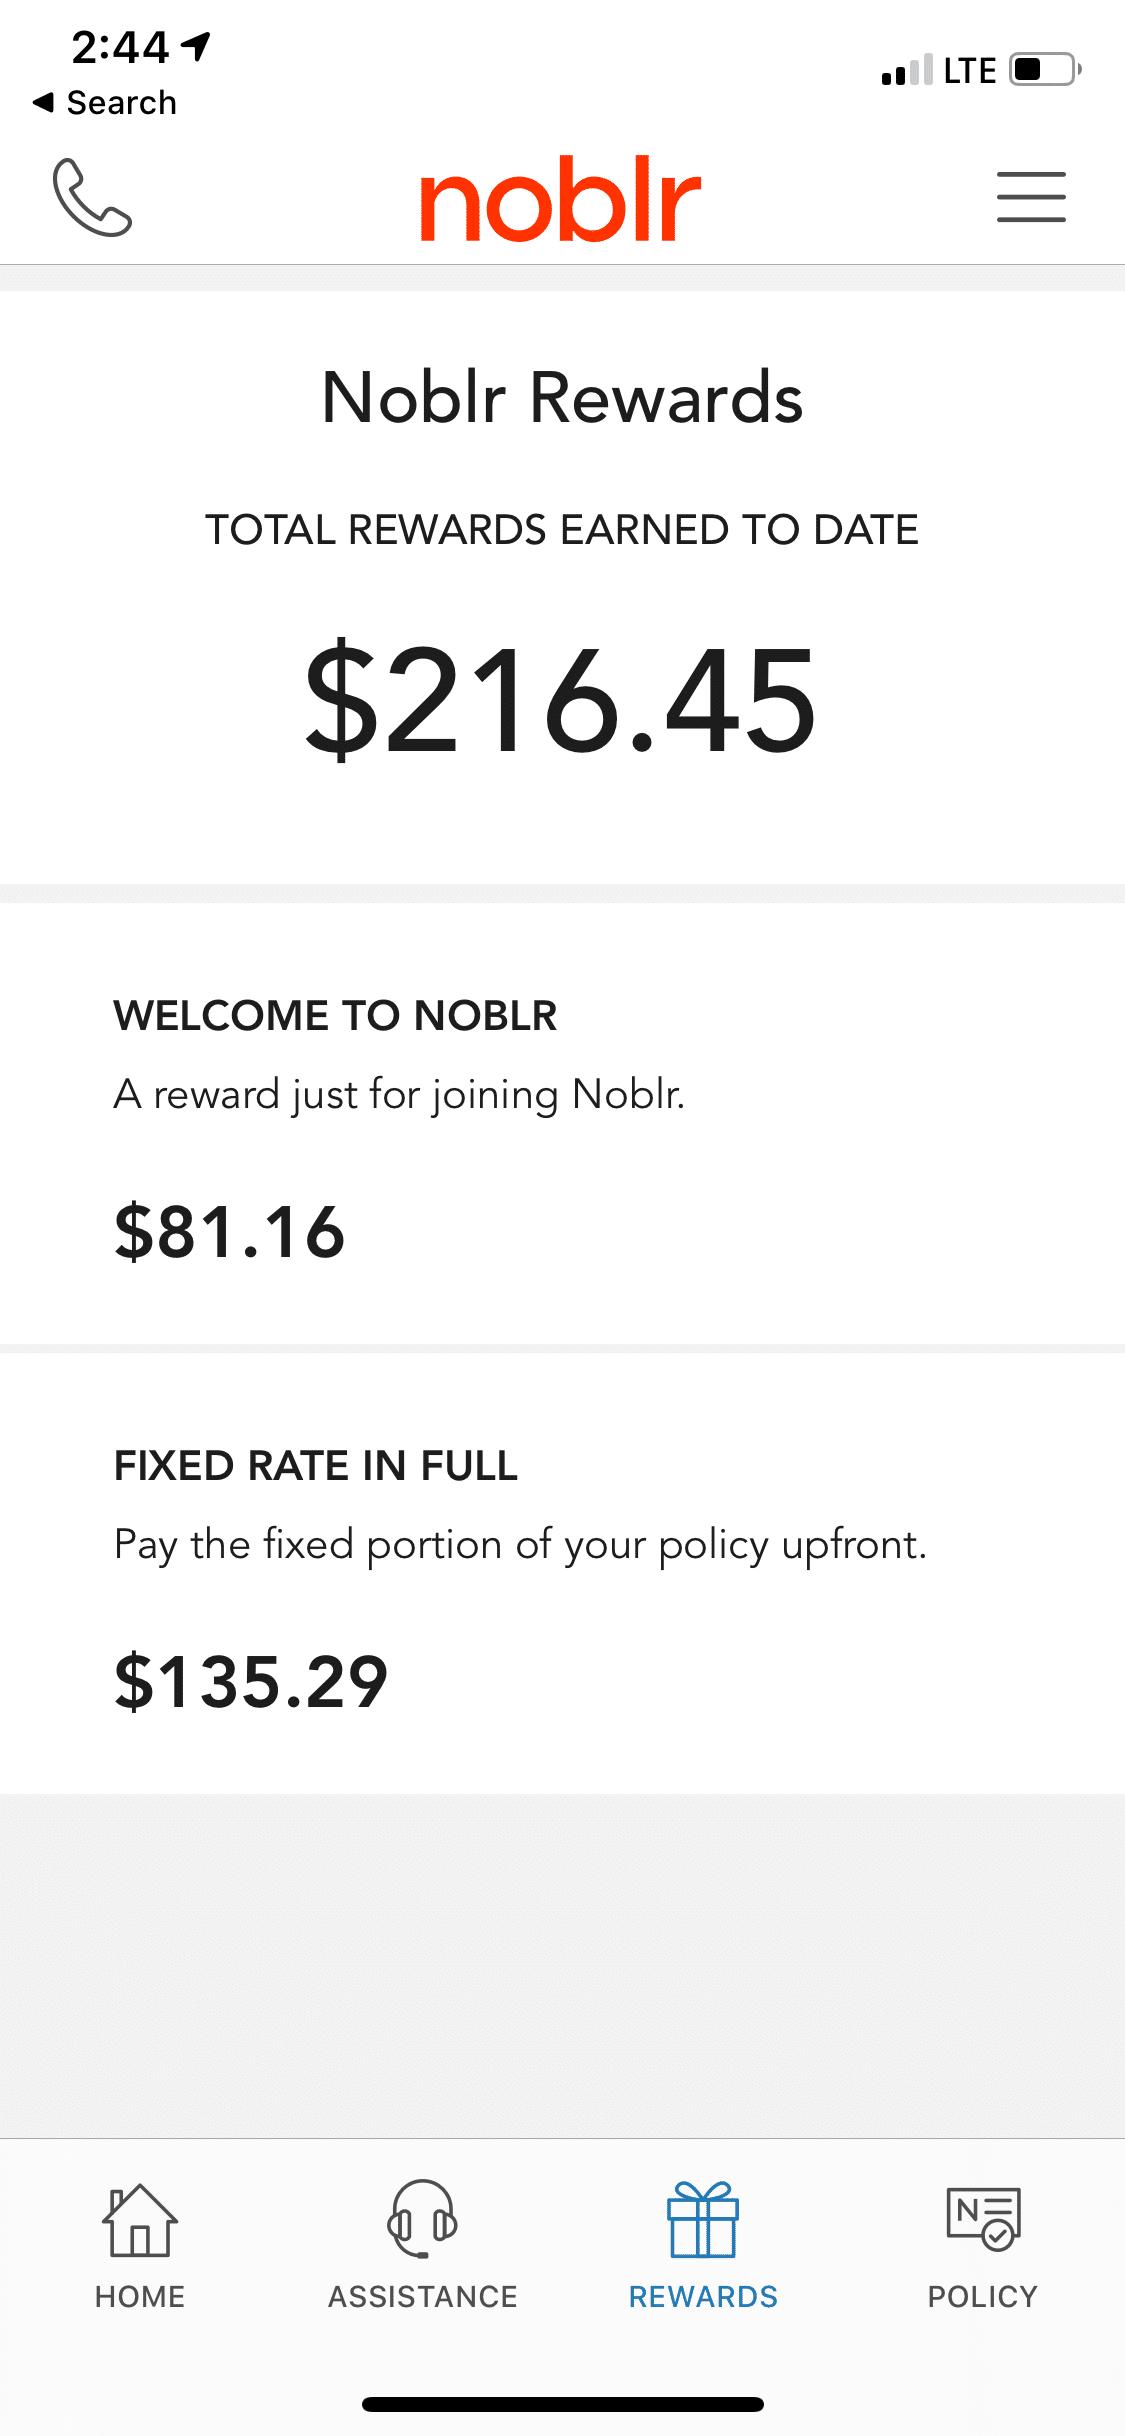 noblr rewards